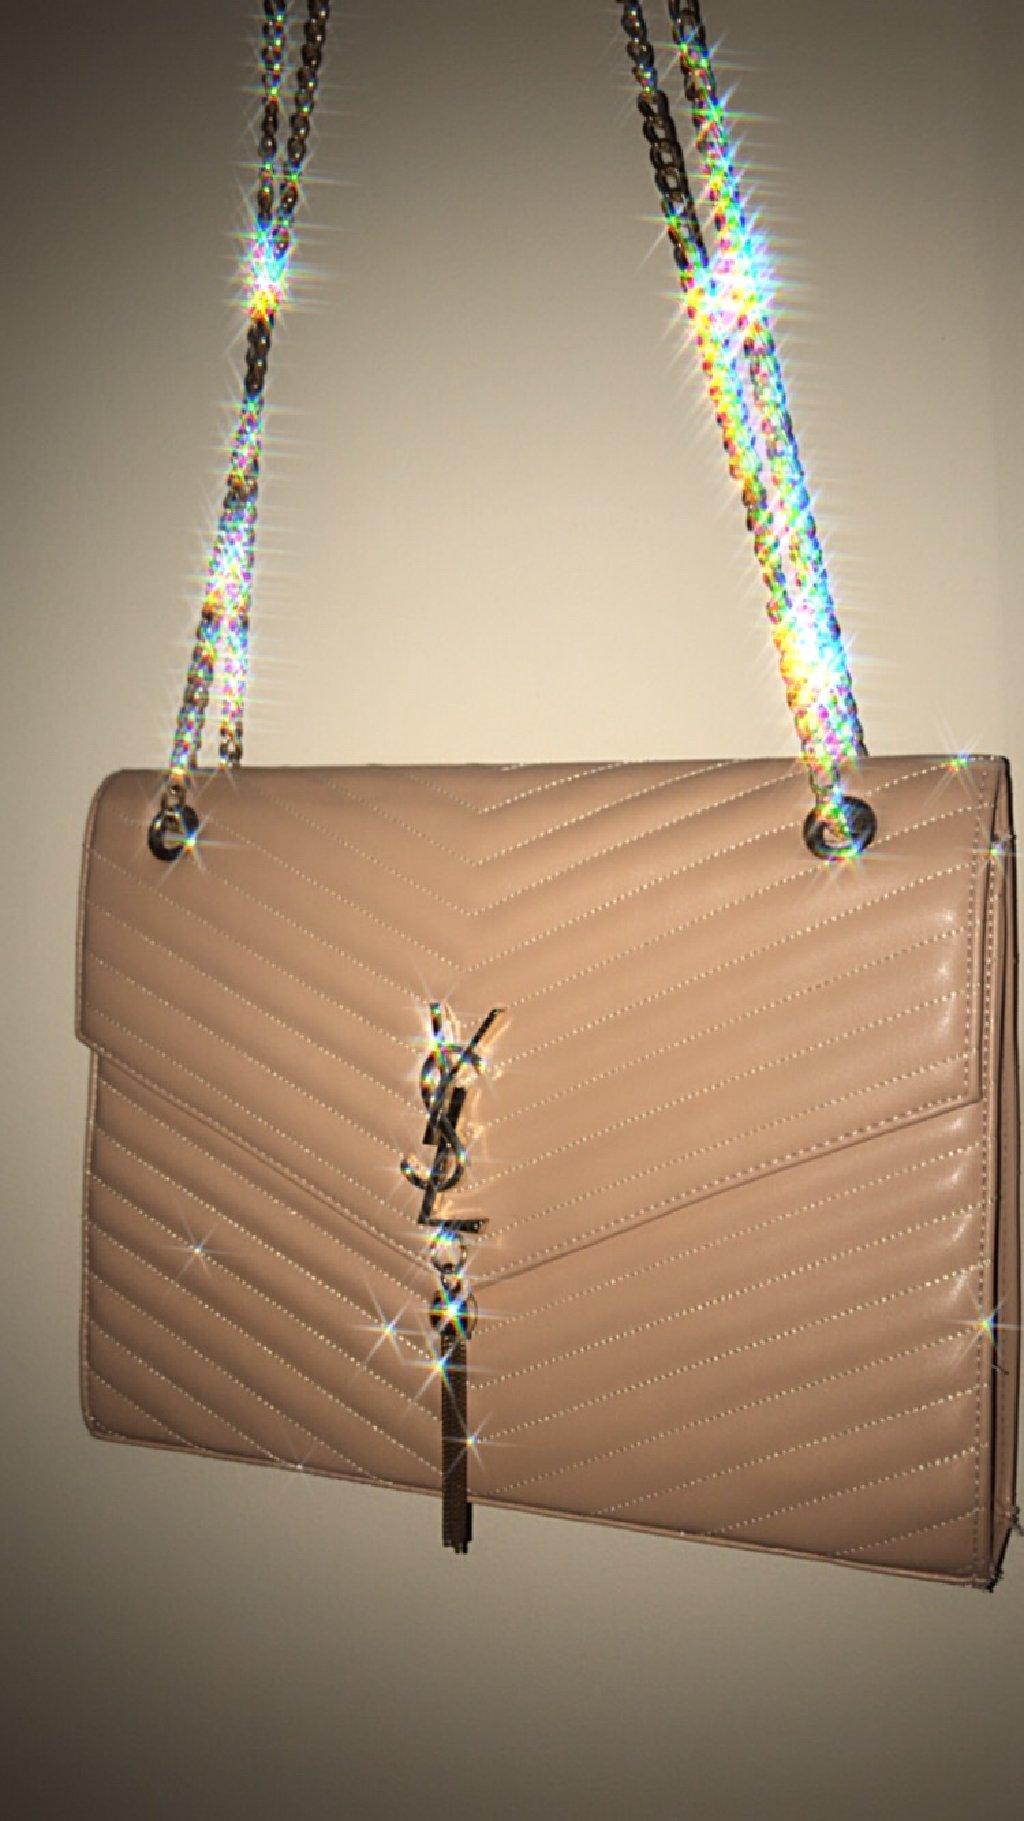 Μεγάλη τσάντα σε ροζ-nude χρώμα